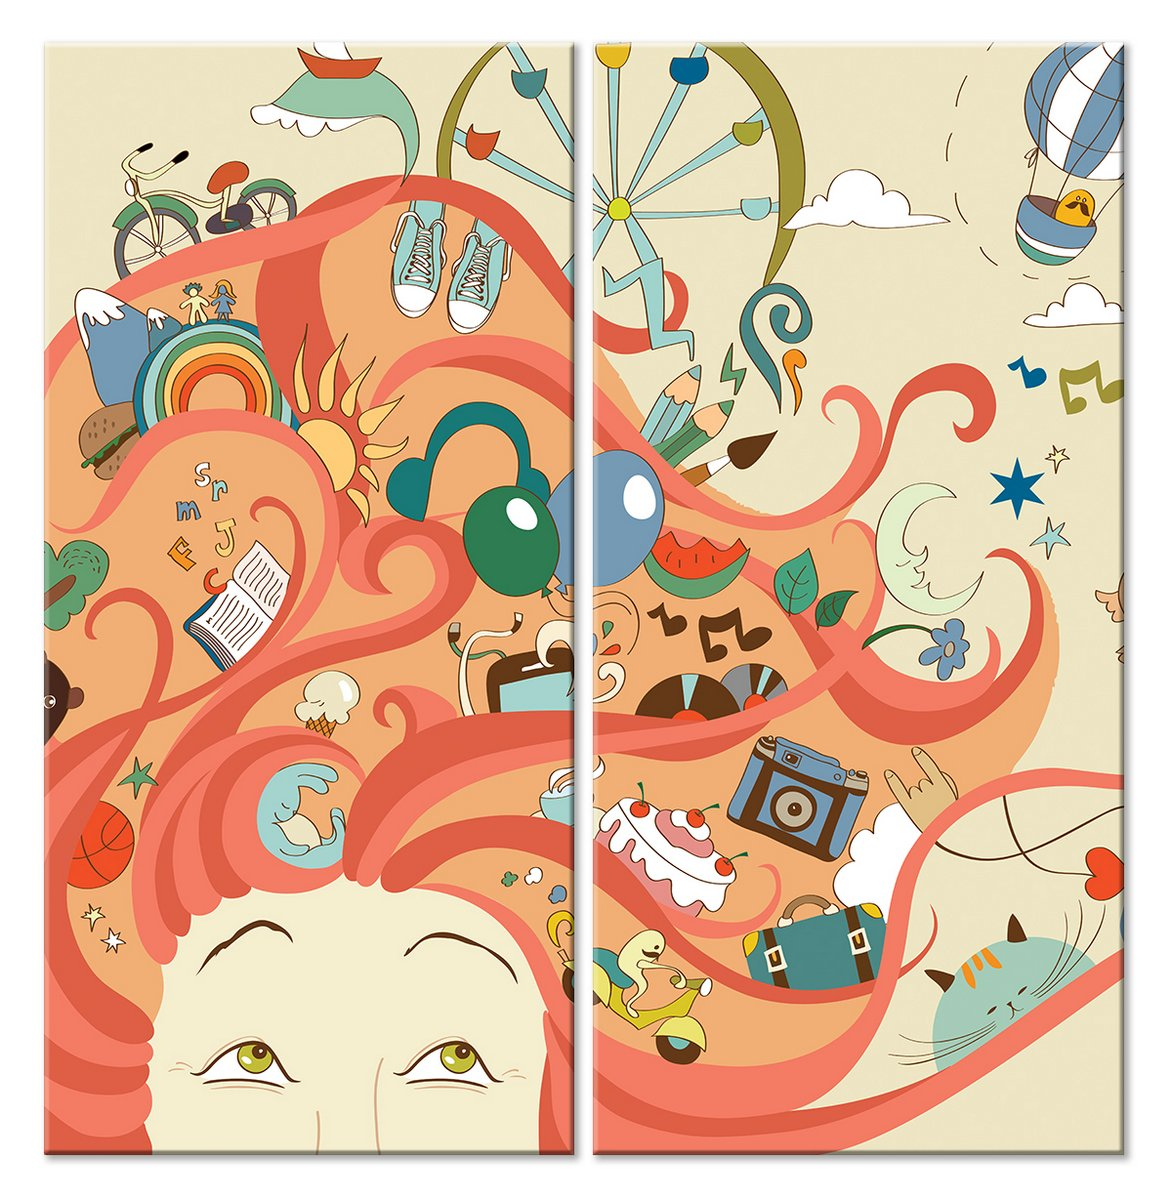 Модульная картина «В голове у подростка»Детские<br>Модульная картина на натуральном холсте и деревянном подрамнике. Подвес в комплекте. Трехслойная надежная упаковка. Доставим в любую точку России. Вам осталось только повесить картину на стену!<br>